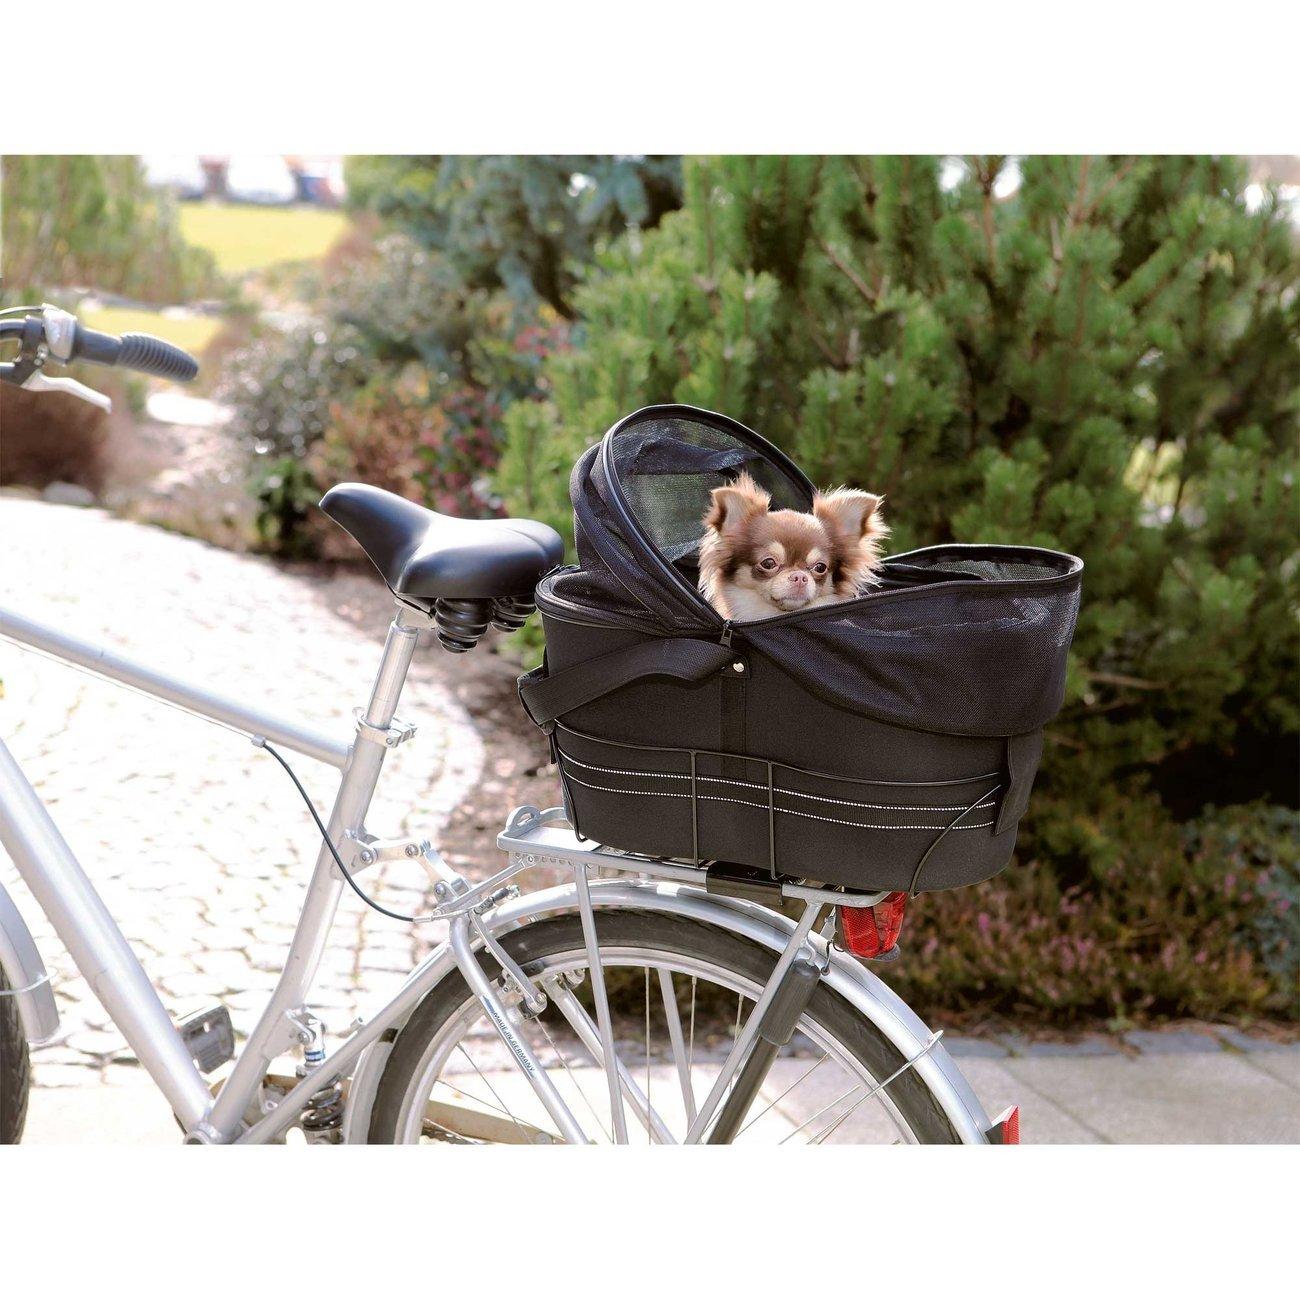 Fahrradtasche mit Metallrahmen für breite Gepäckträger Bild 6